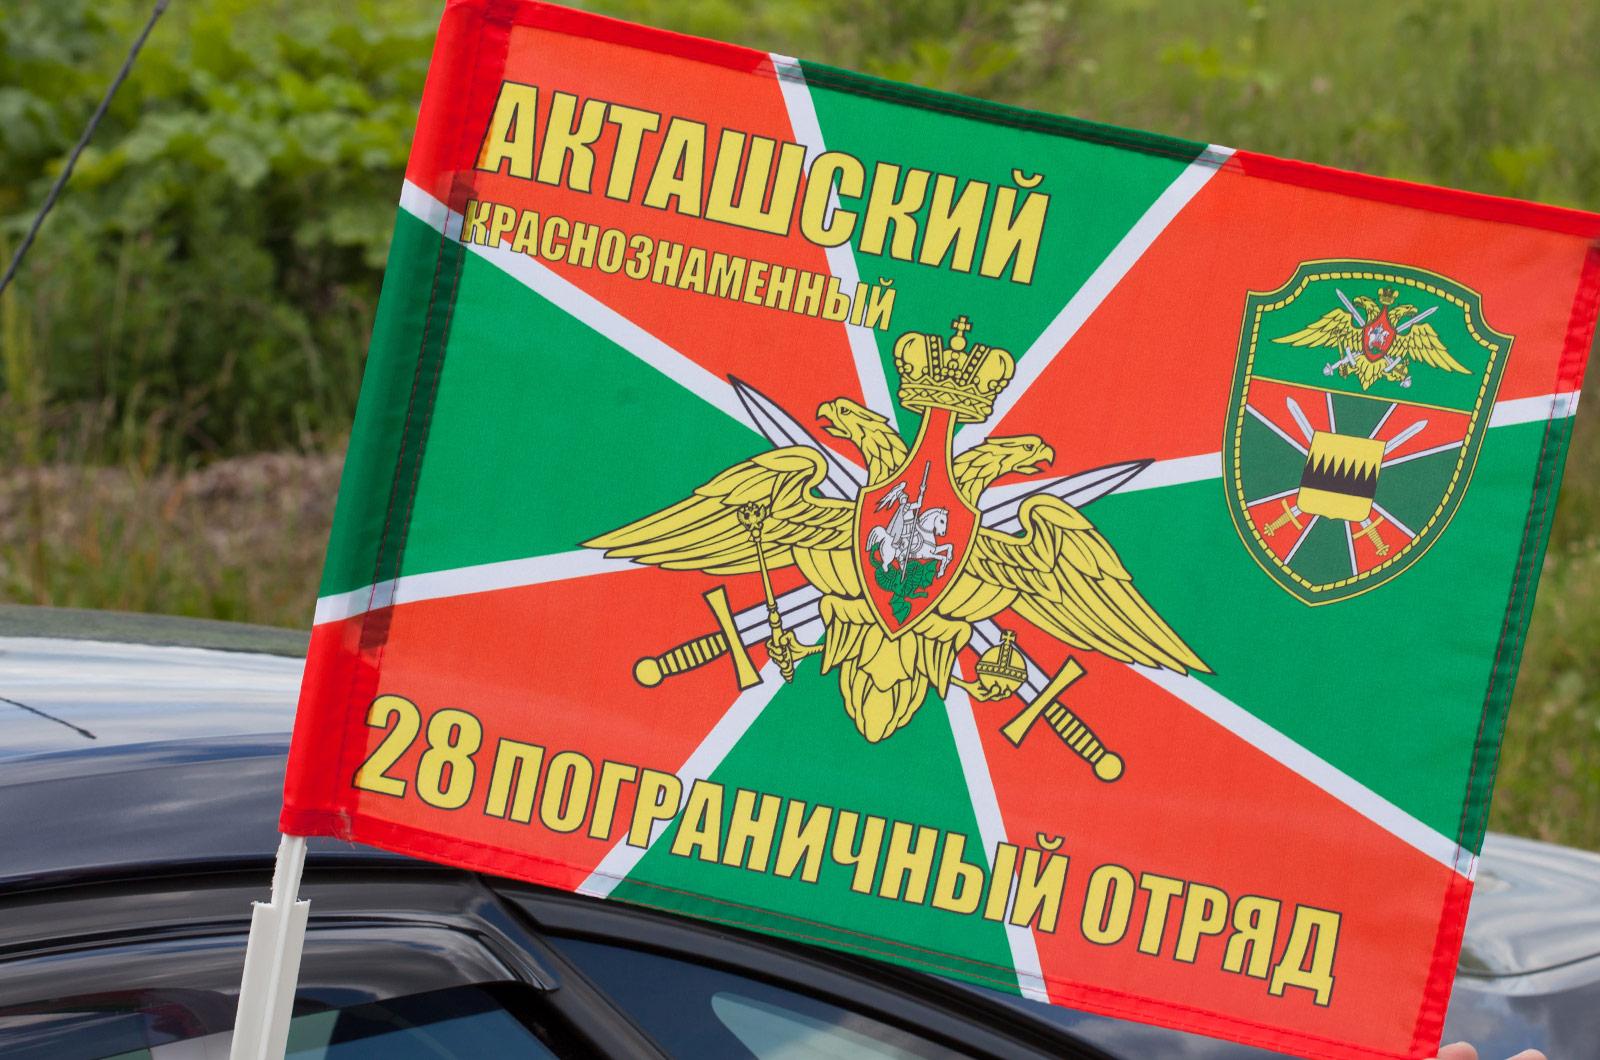 Купить флаги на машину «Акташский ПогО»